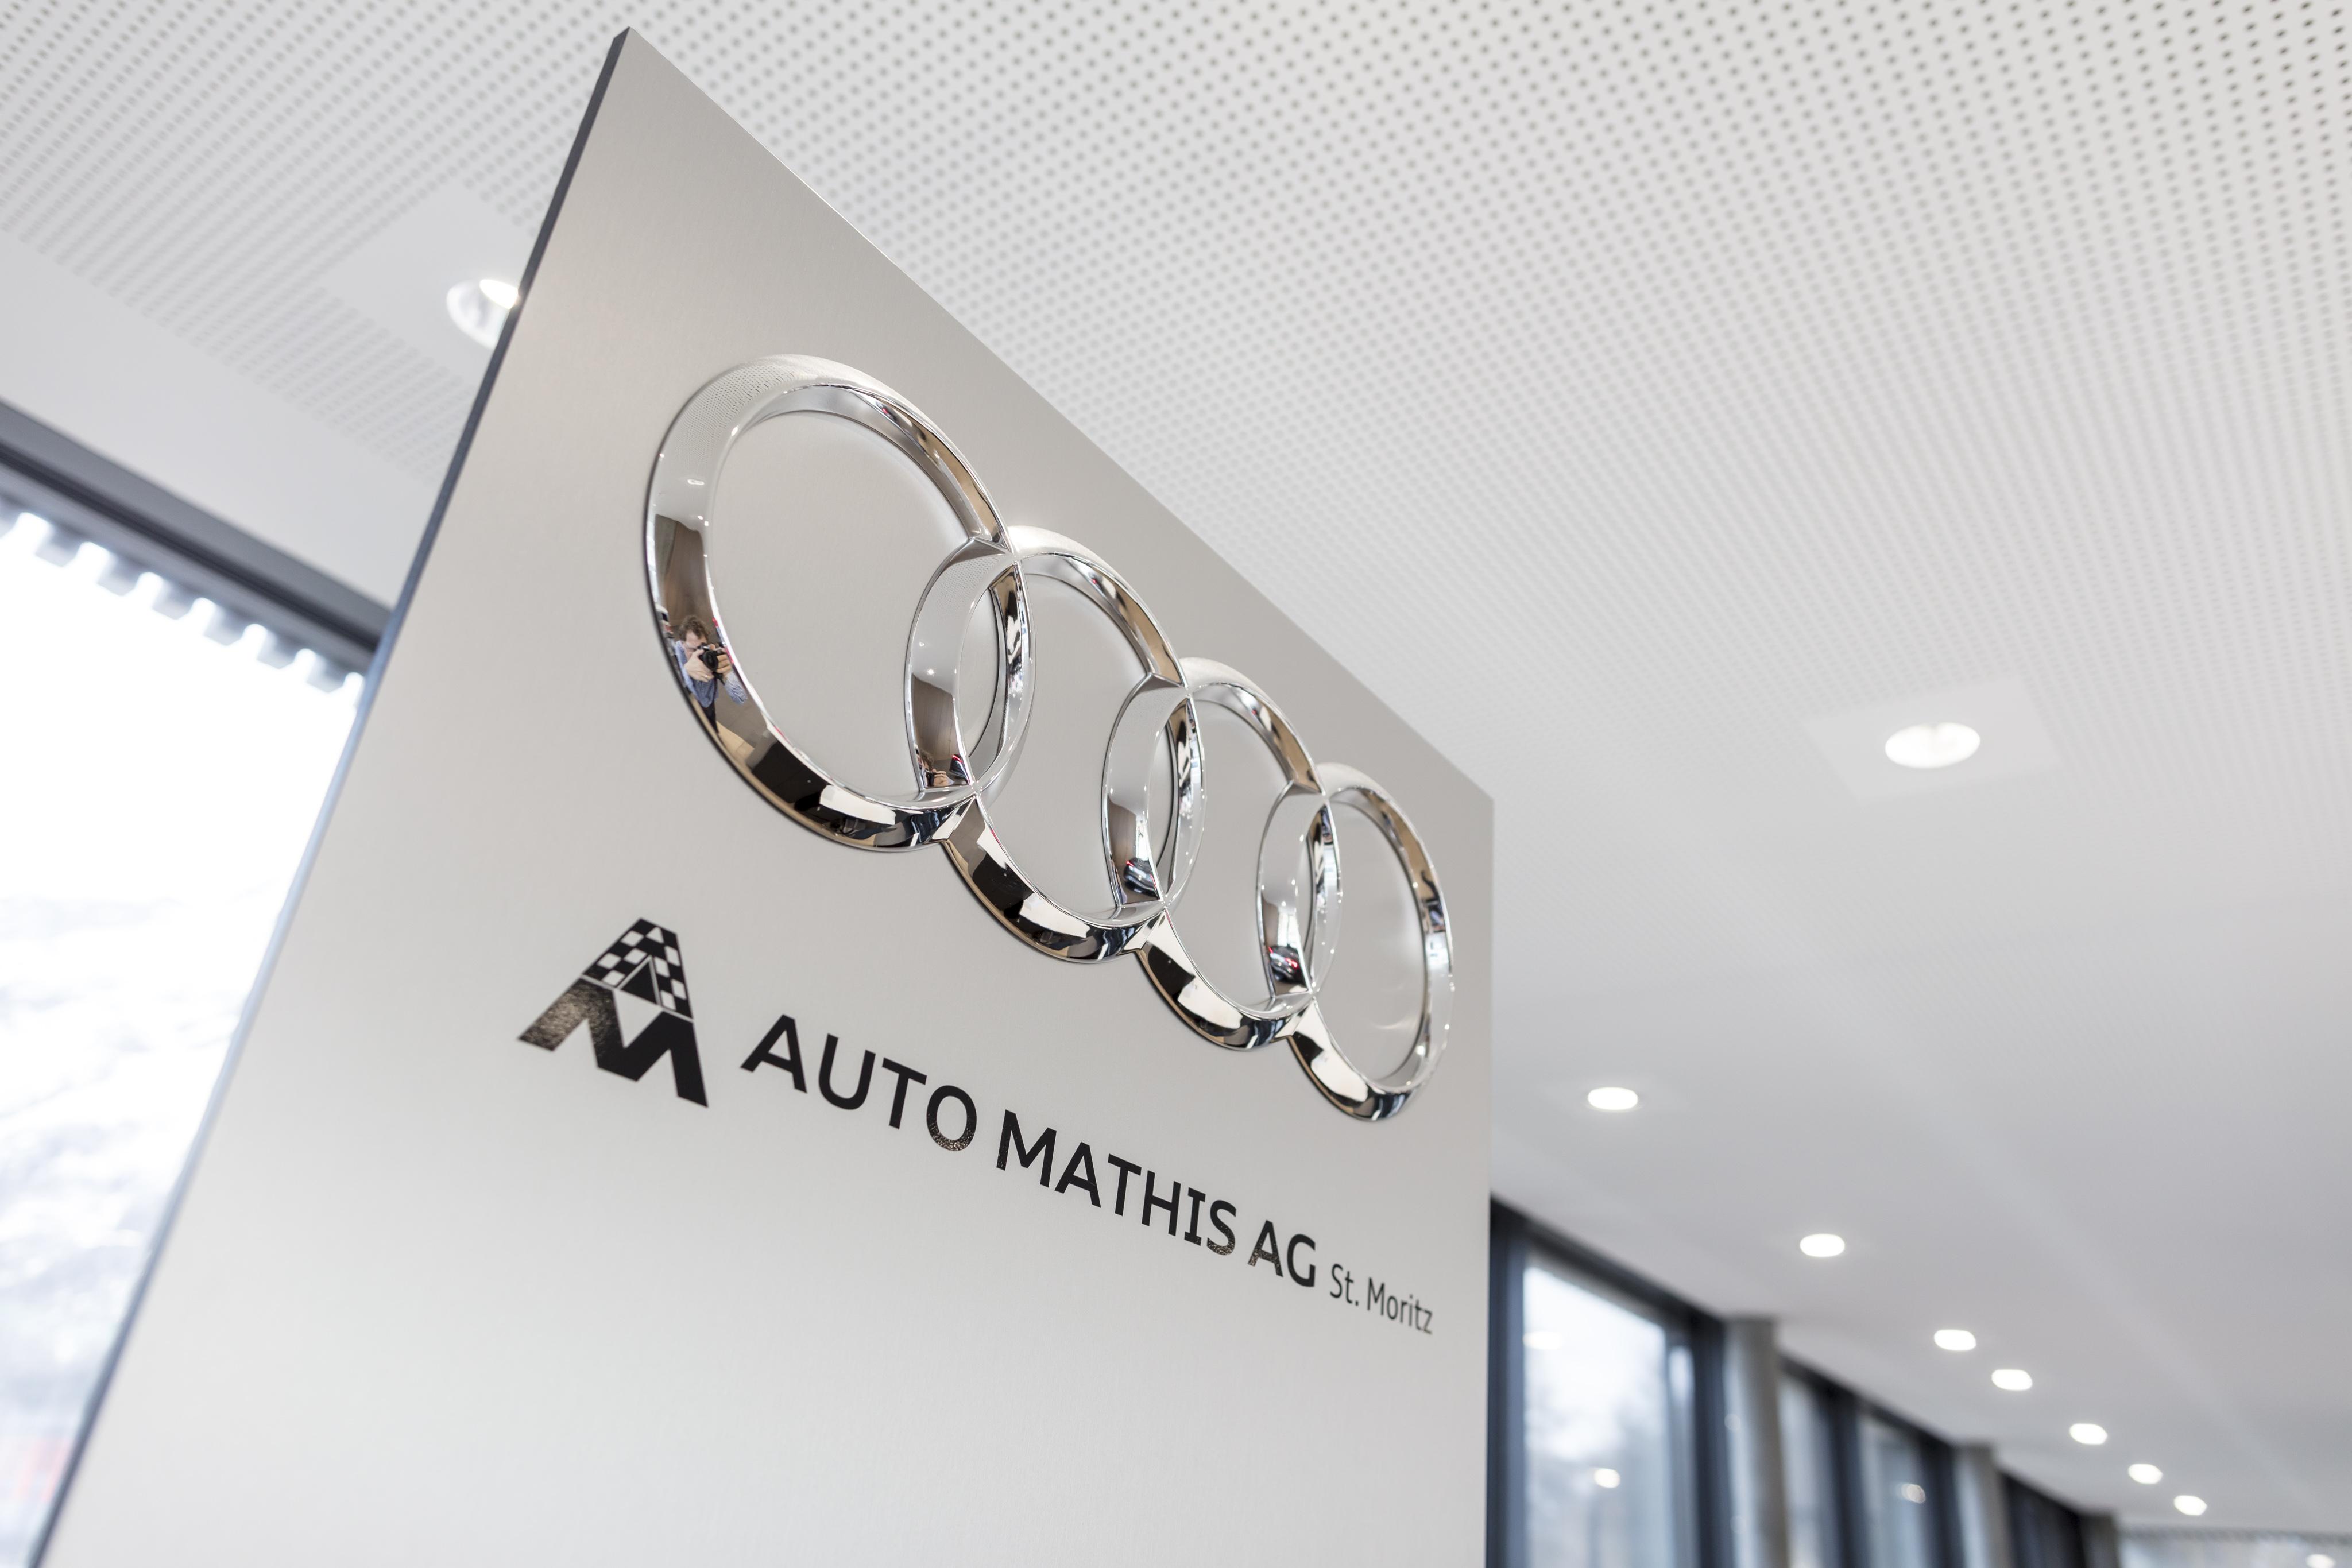 Auto Mathis AG Garage St. Moritz Slide 2